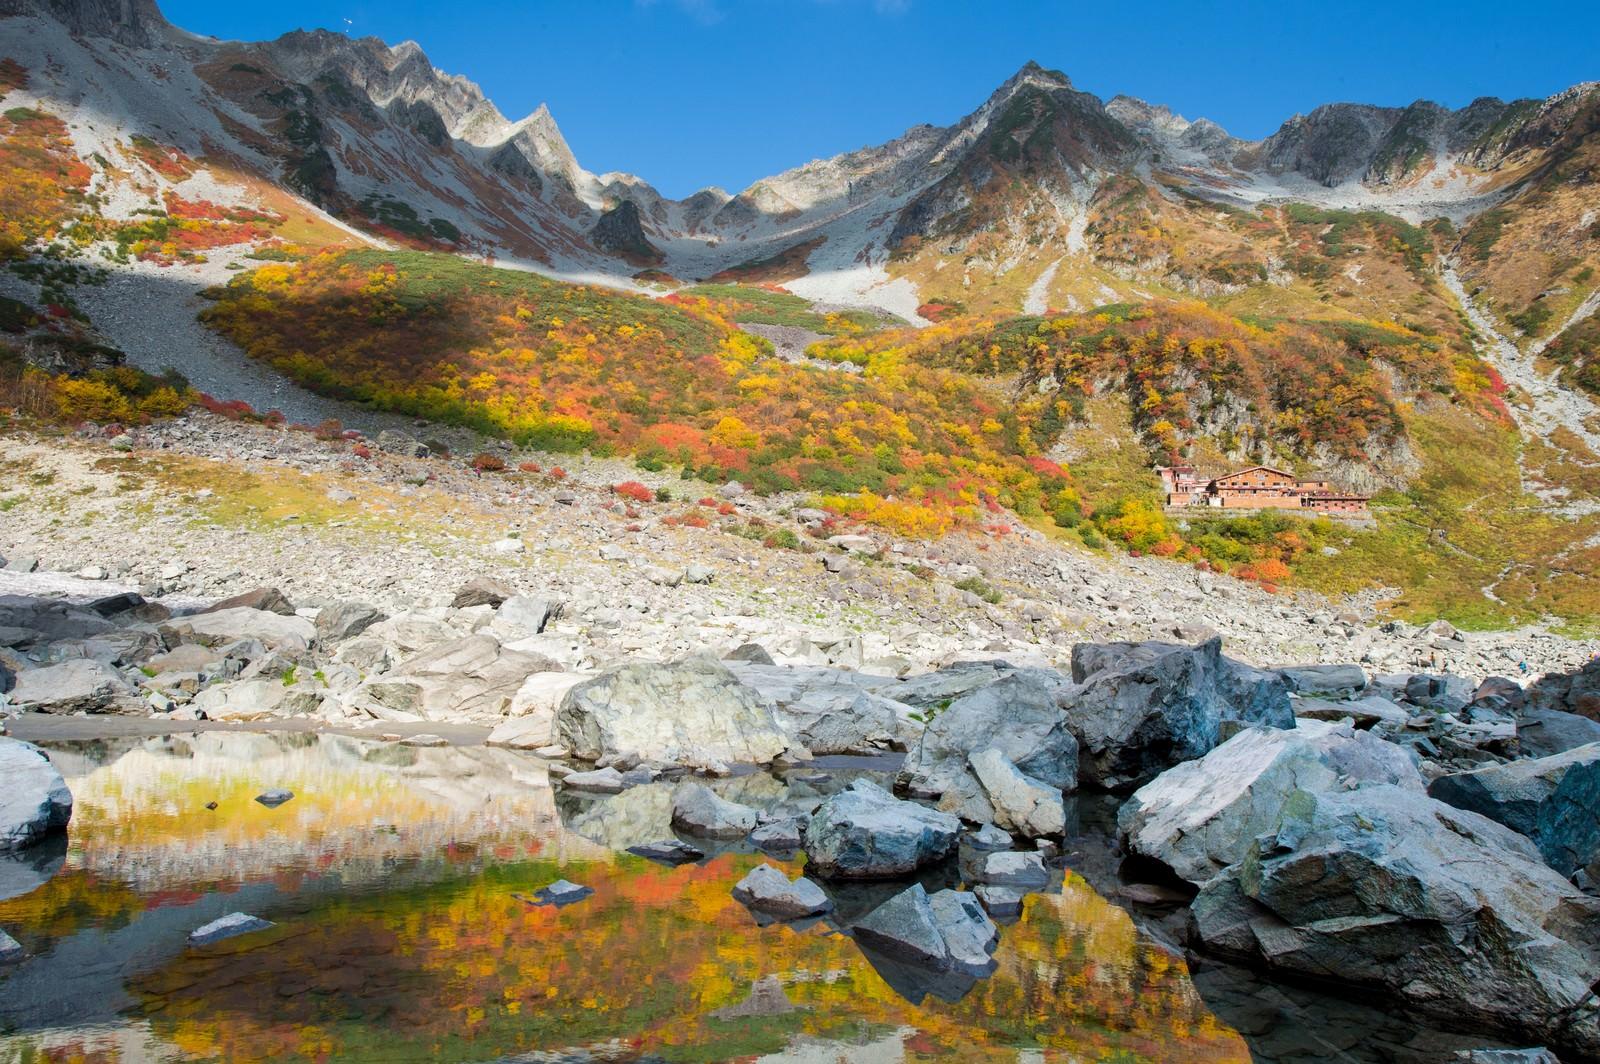 「色づく涸沢カールの紅葉色づく涸沢カールの紅葉」のフリー写真素材を拡大